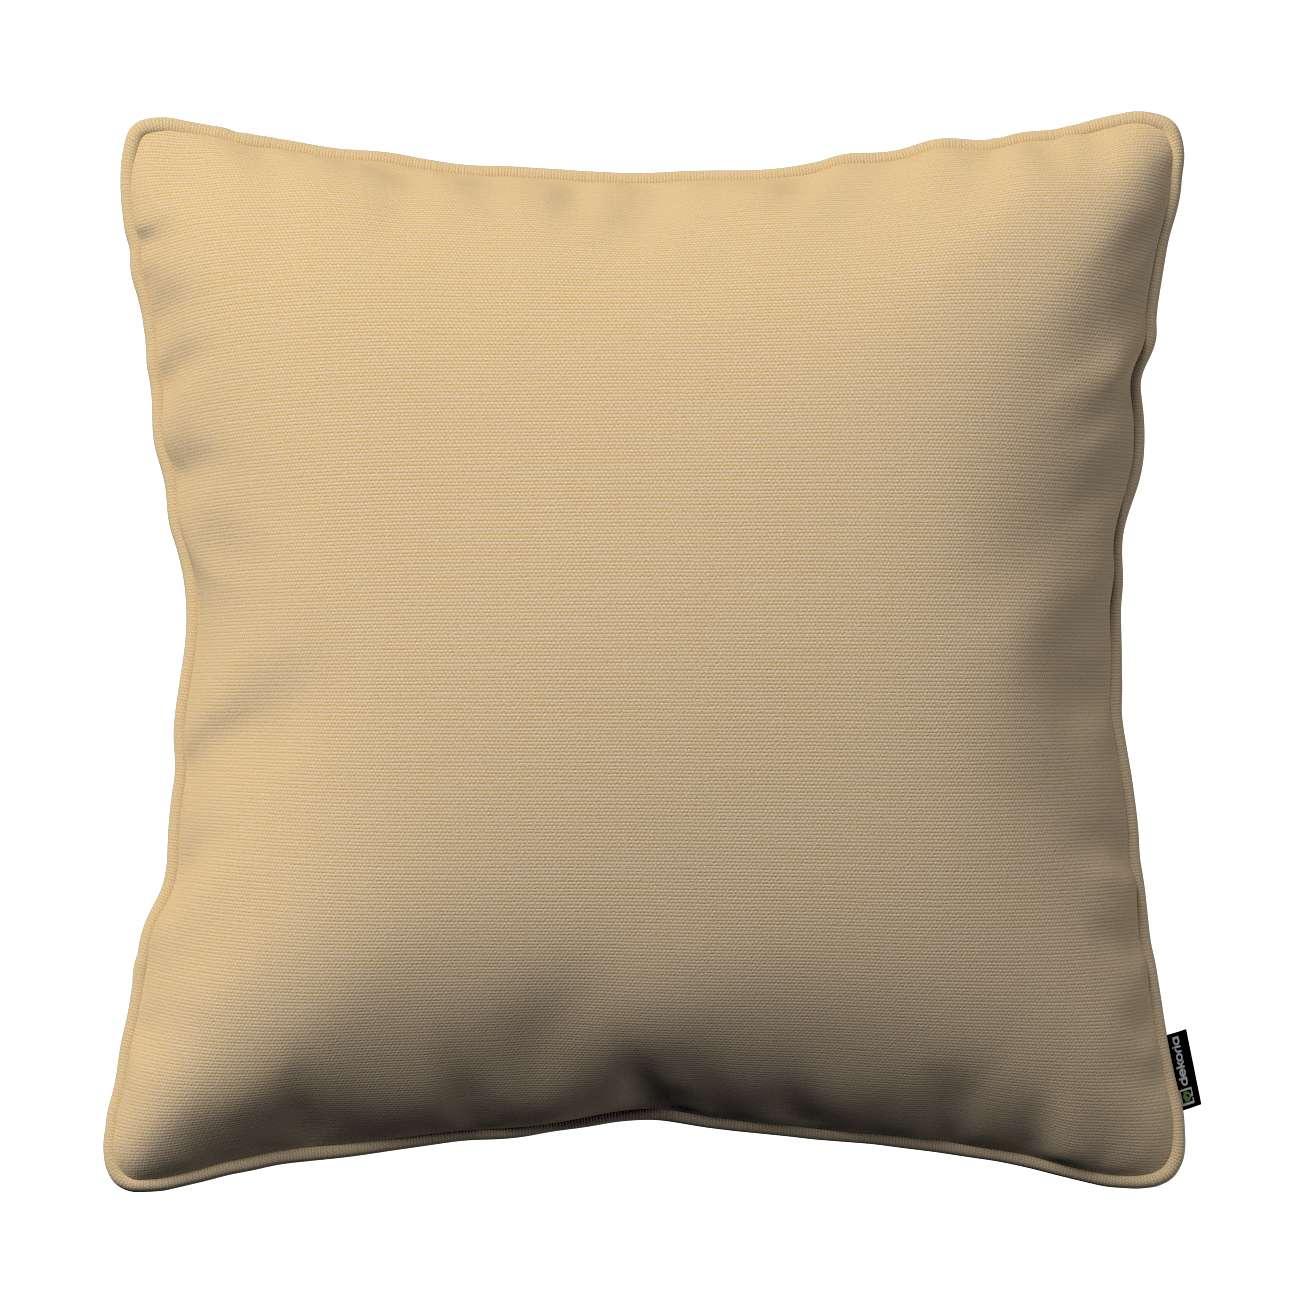 Gabi dekoratyvinės pagavėlės užvalkalas su specialia siūle 45 x 45 cm kolekcijoje Cotton Panama, audinys: 702-01